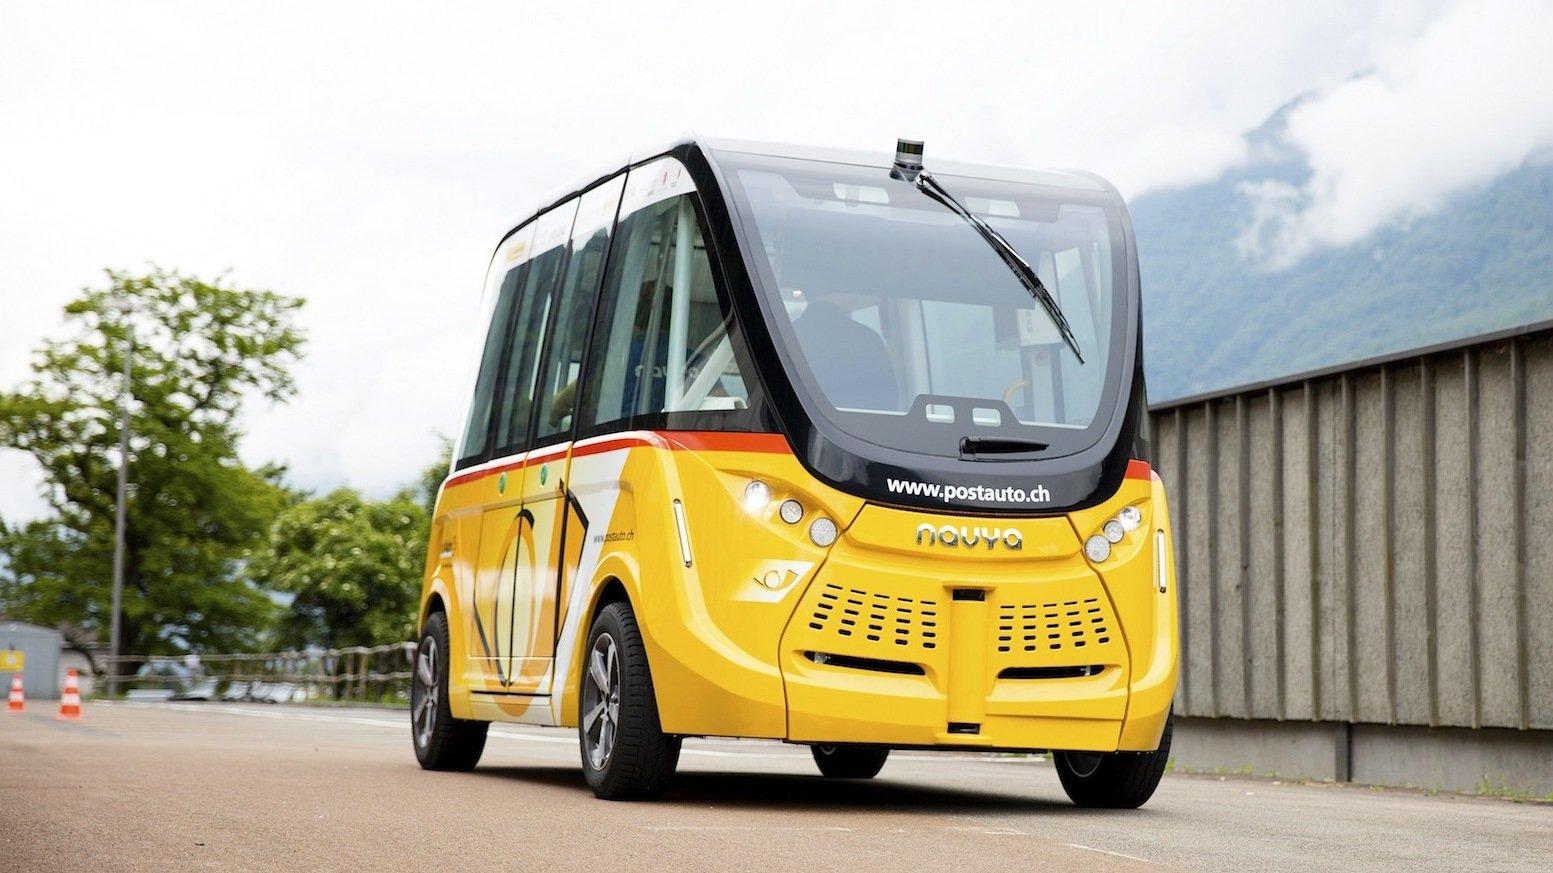 Der autonome Bus des französischen Herstellers Navya düst mit 20 km/h ohne Fahrer durch Sitten. Das ist einmalig in Europa.